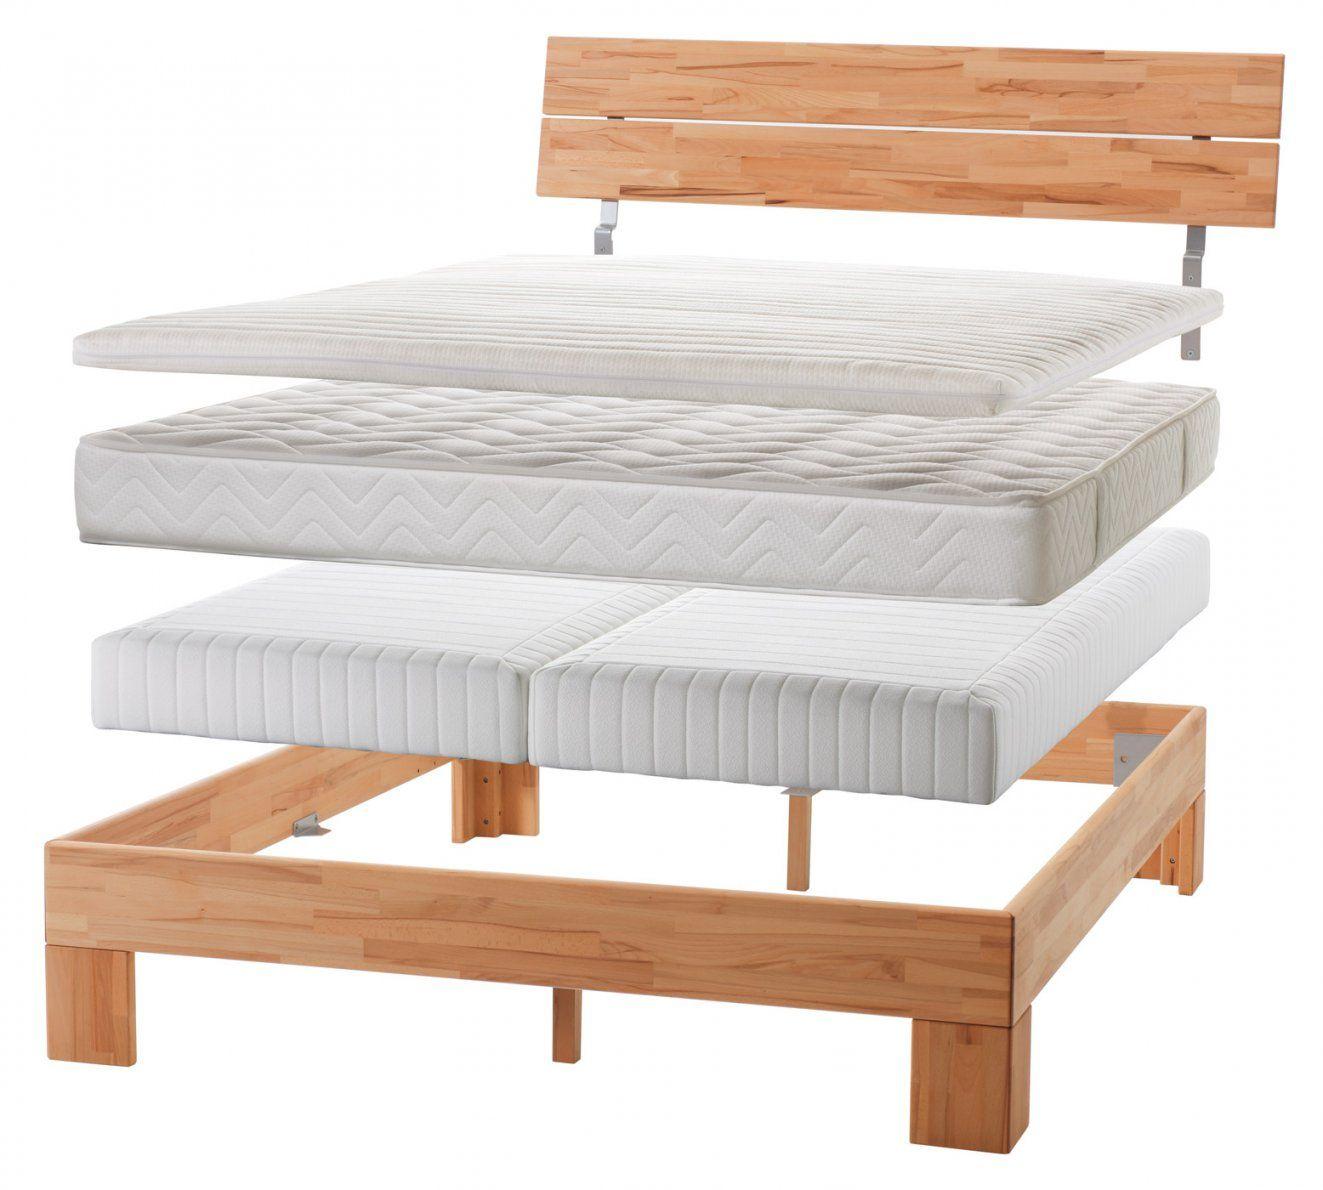 Normales Bett Zum Boxspringbett Umbauen  Einlegesystem Kingston von Bett Zum Boxspringbett Umbauen Photo